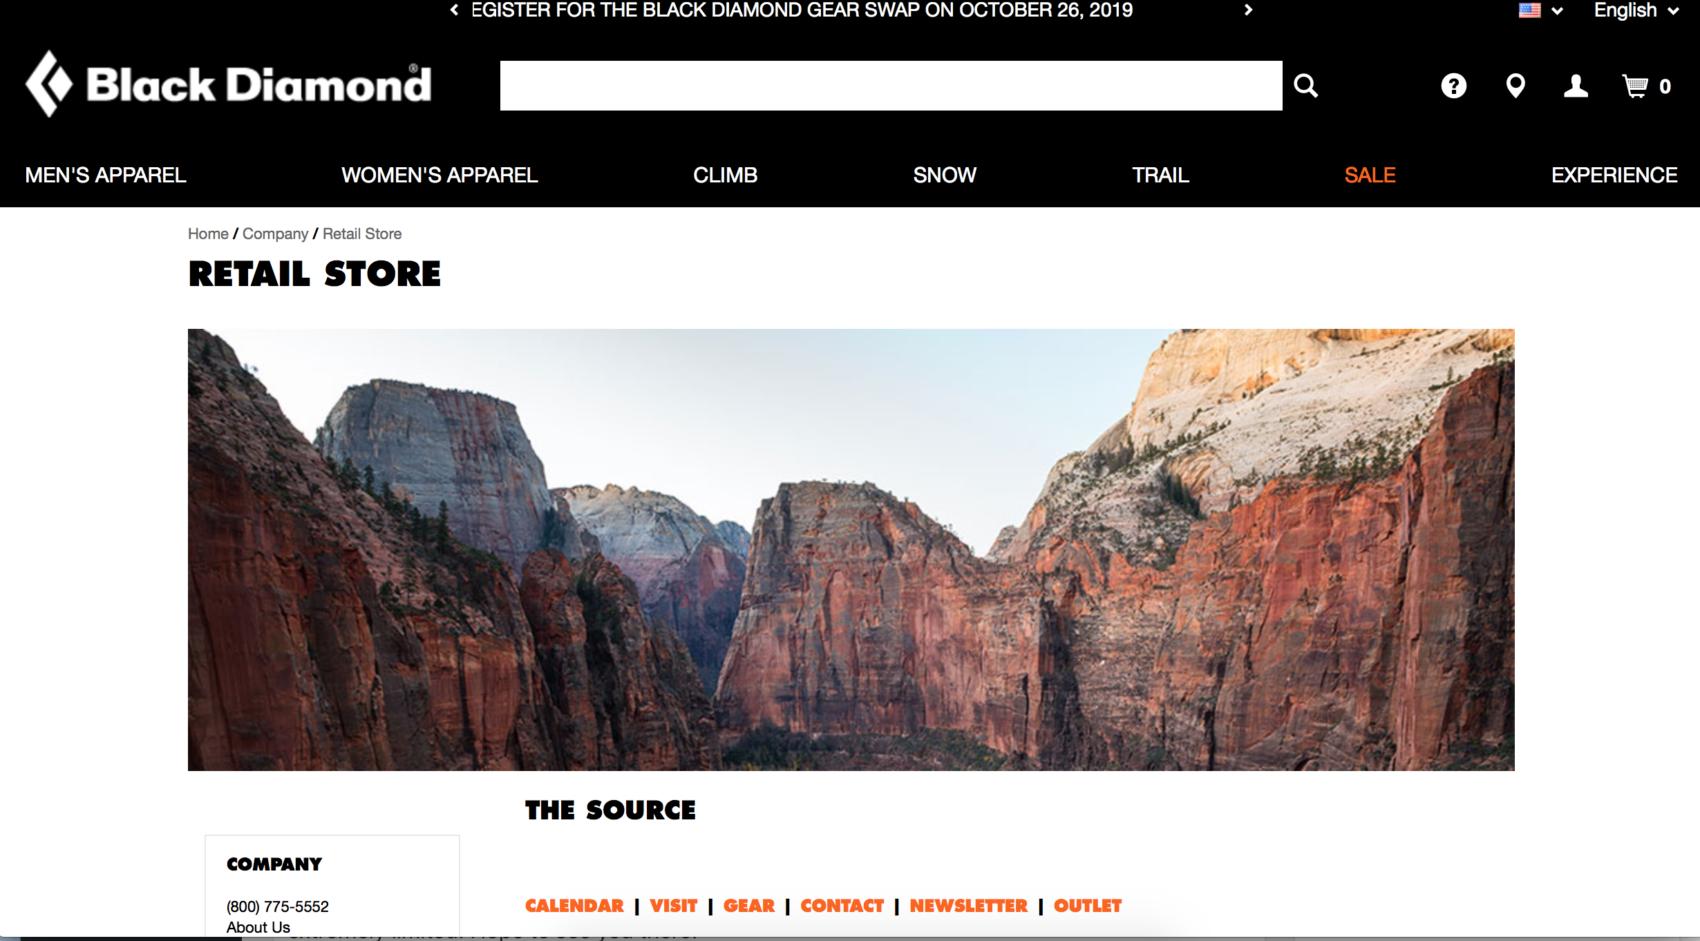 The website for Black Diamond